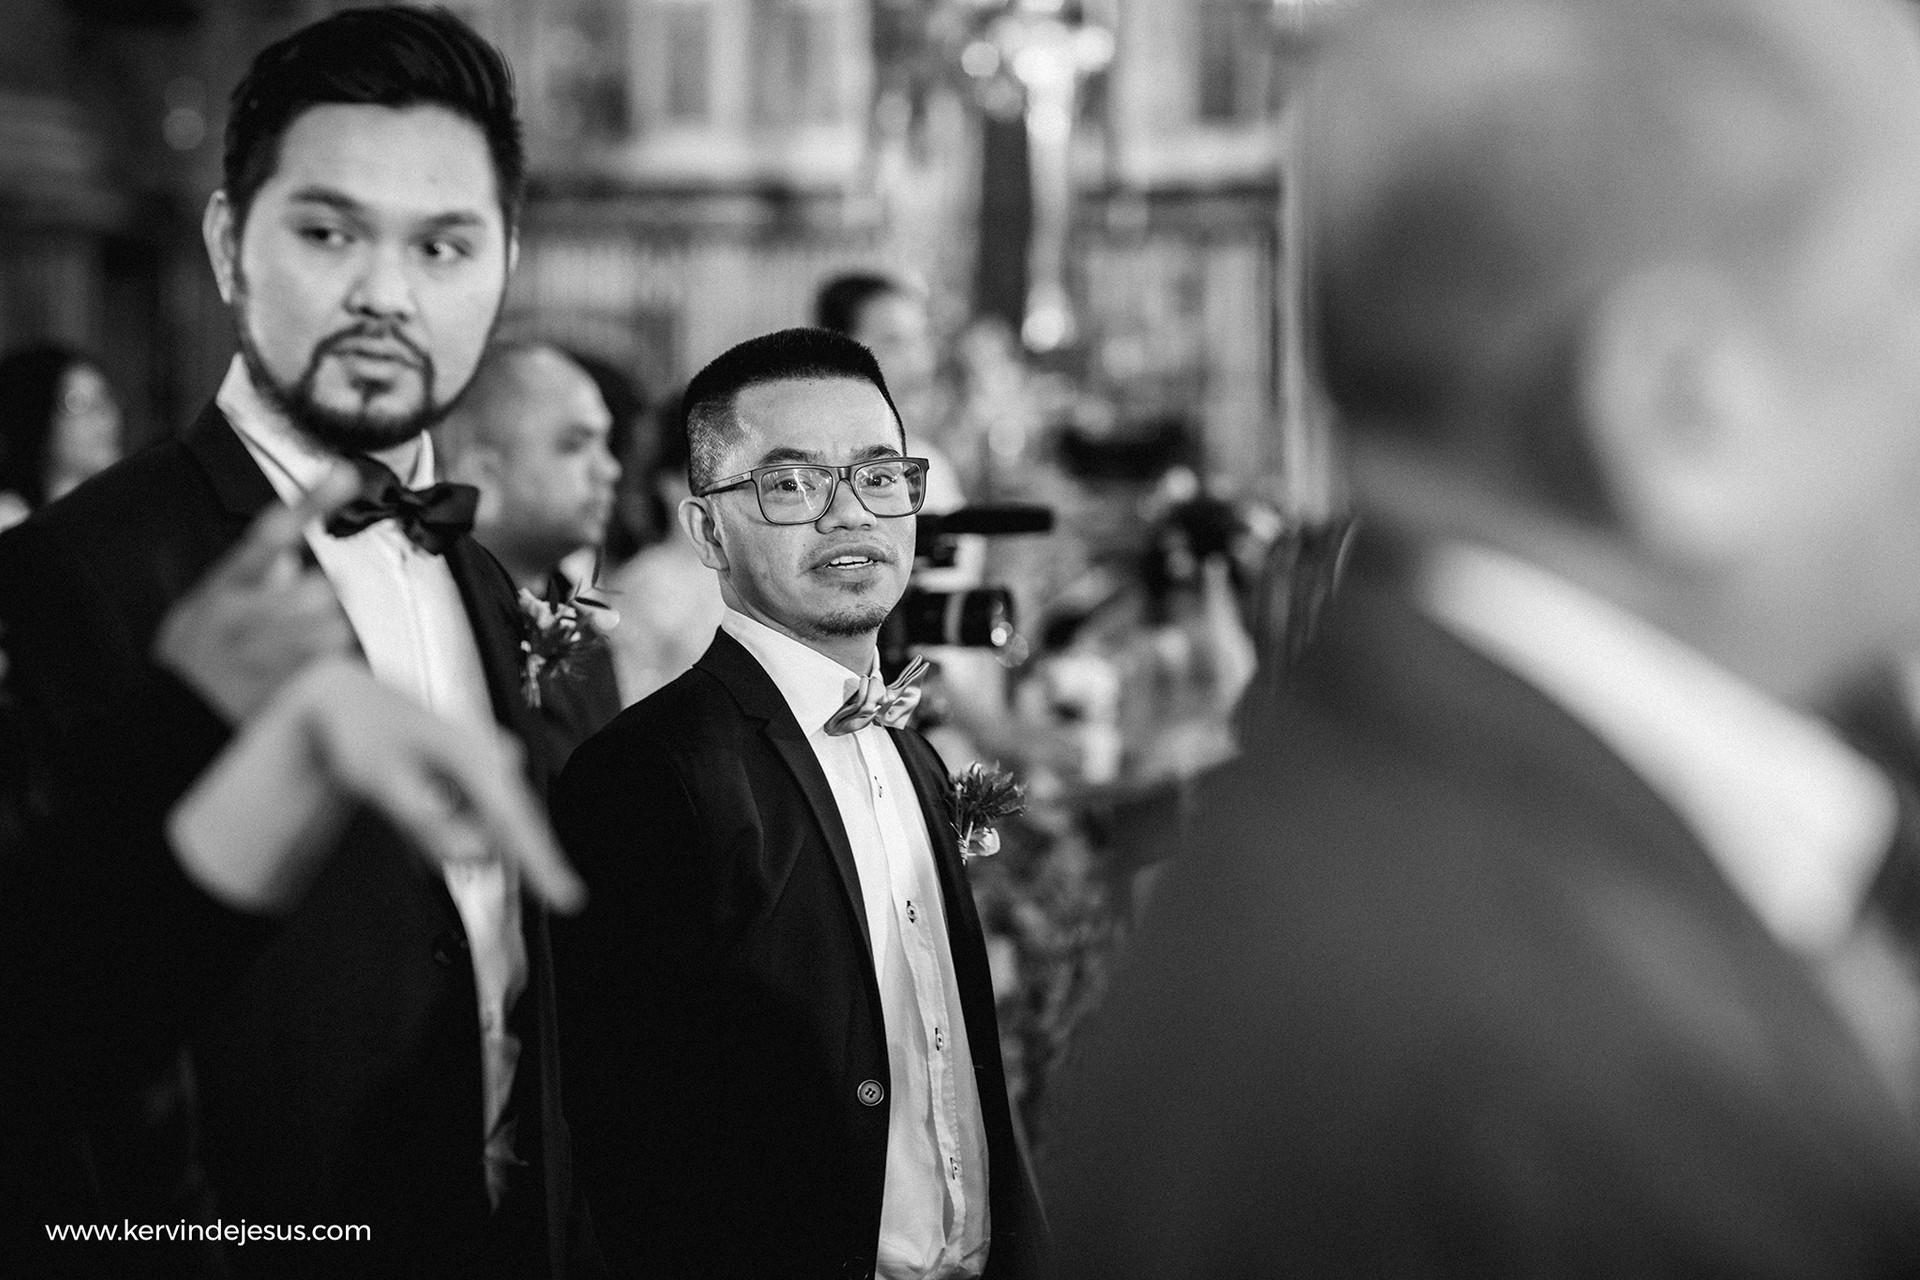 fcs_rochelleiven_wedding15.jpg